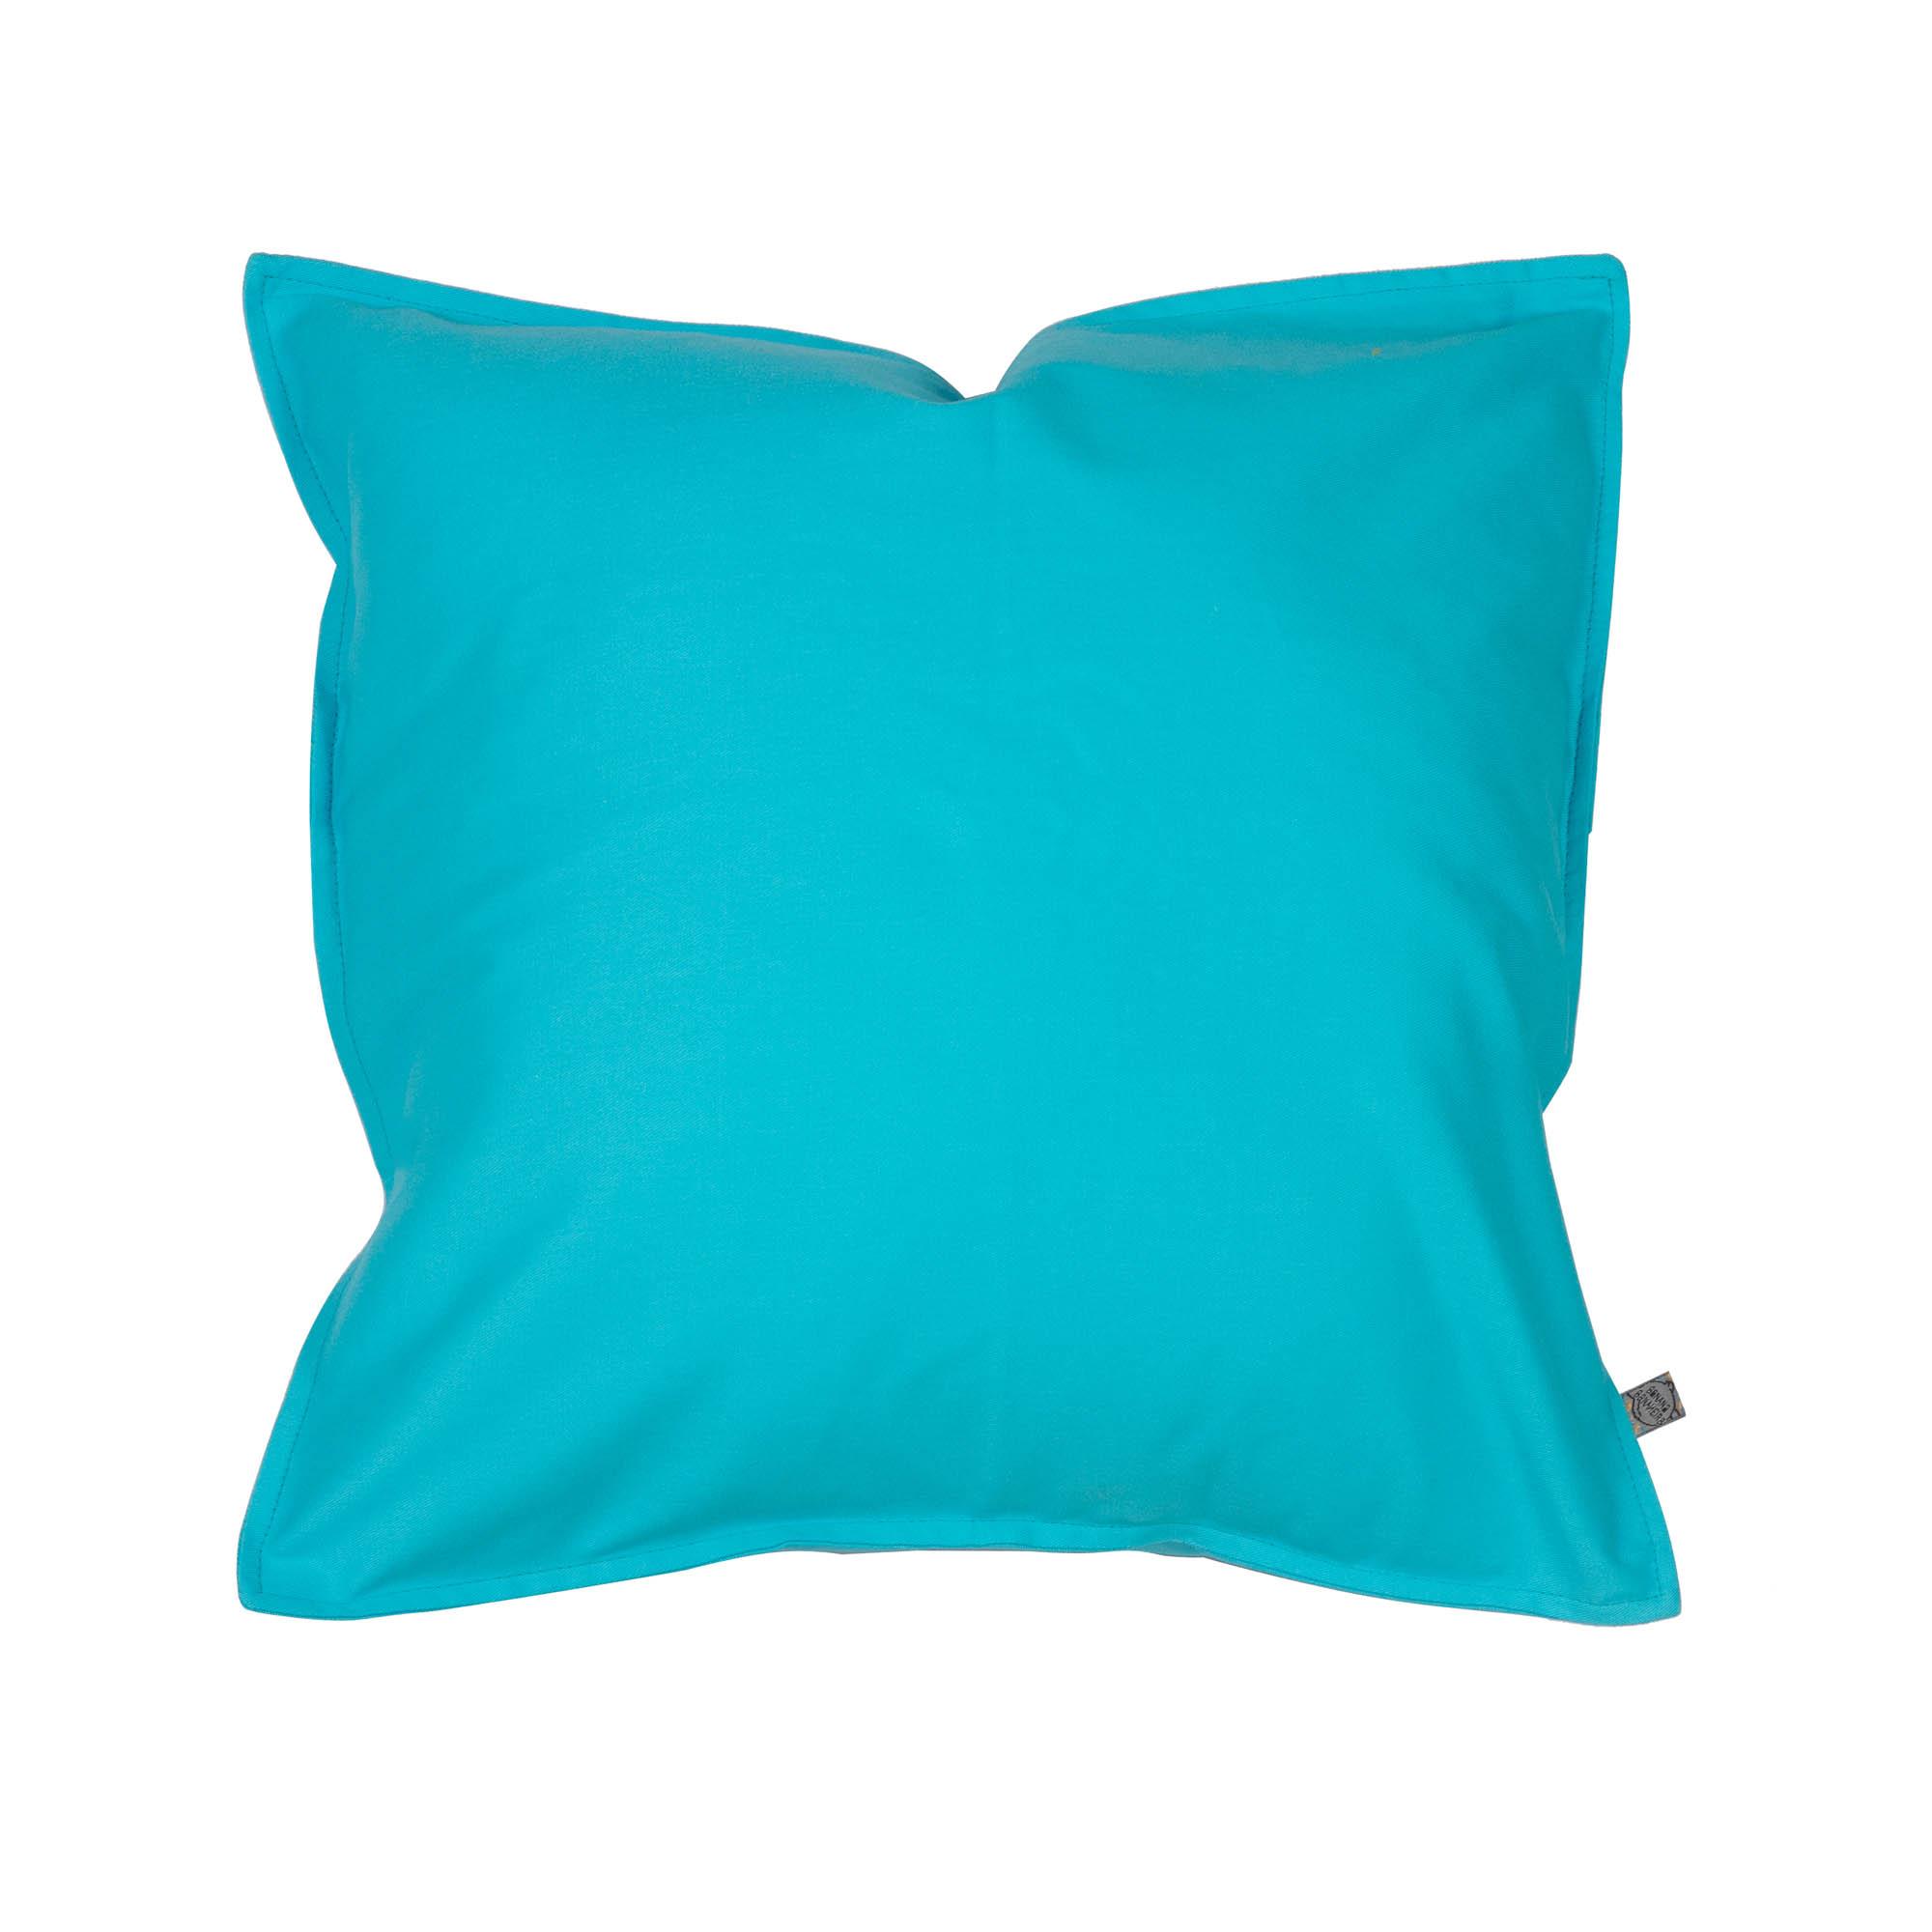 Capa de almofada em pesponto 45 cm x 45 cm azul turquesa